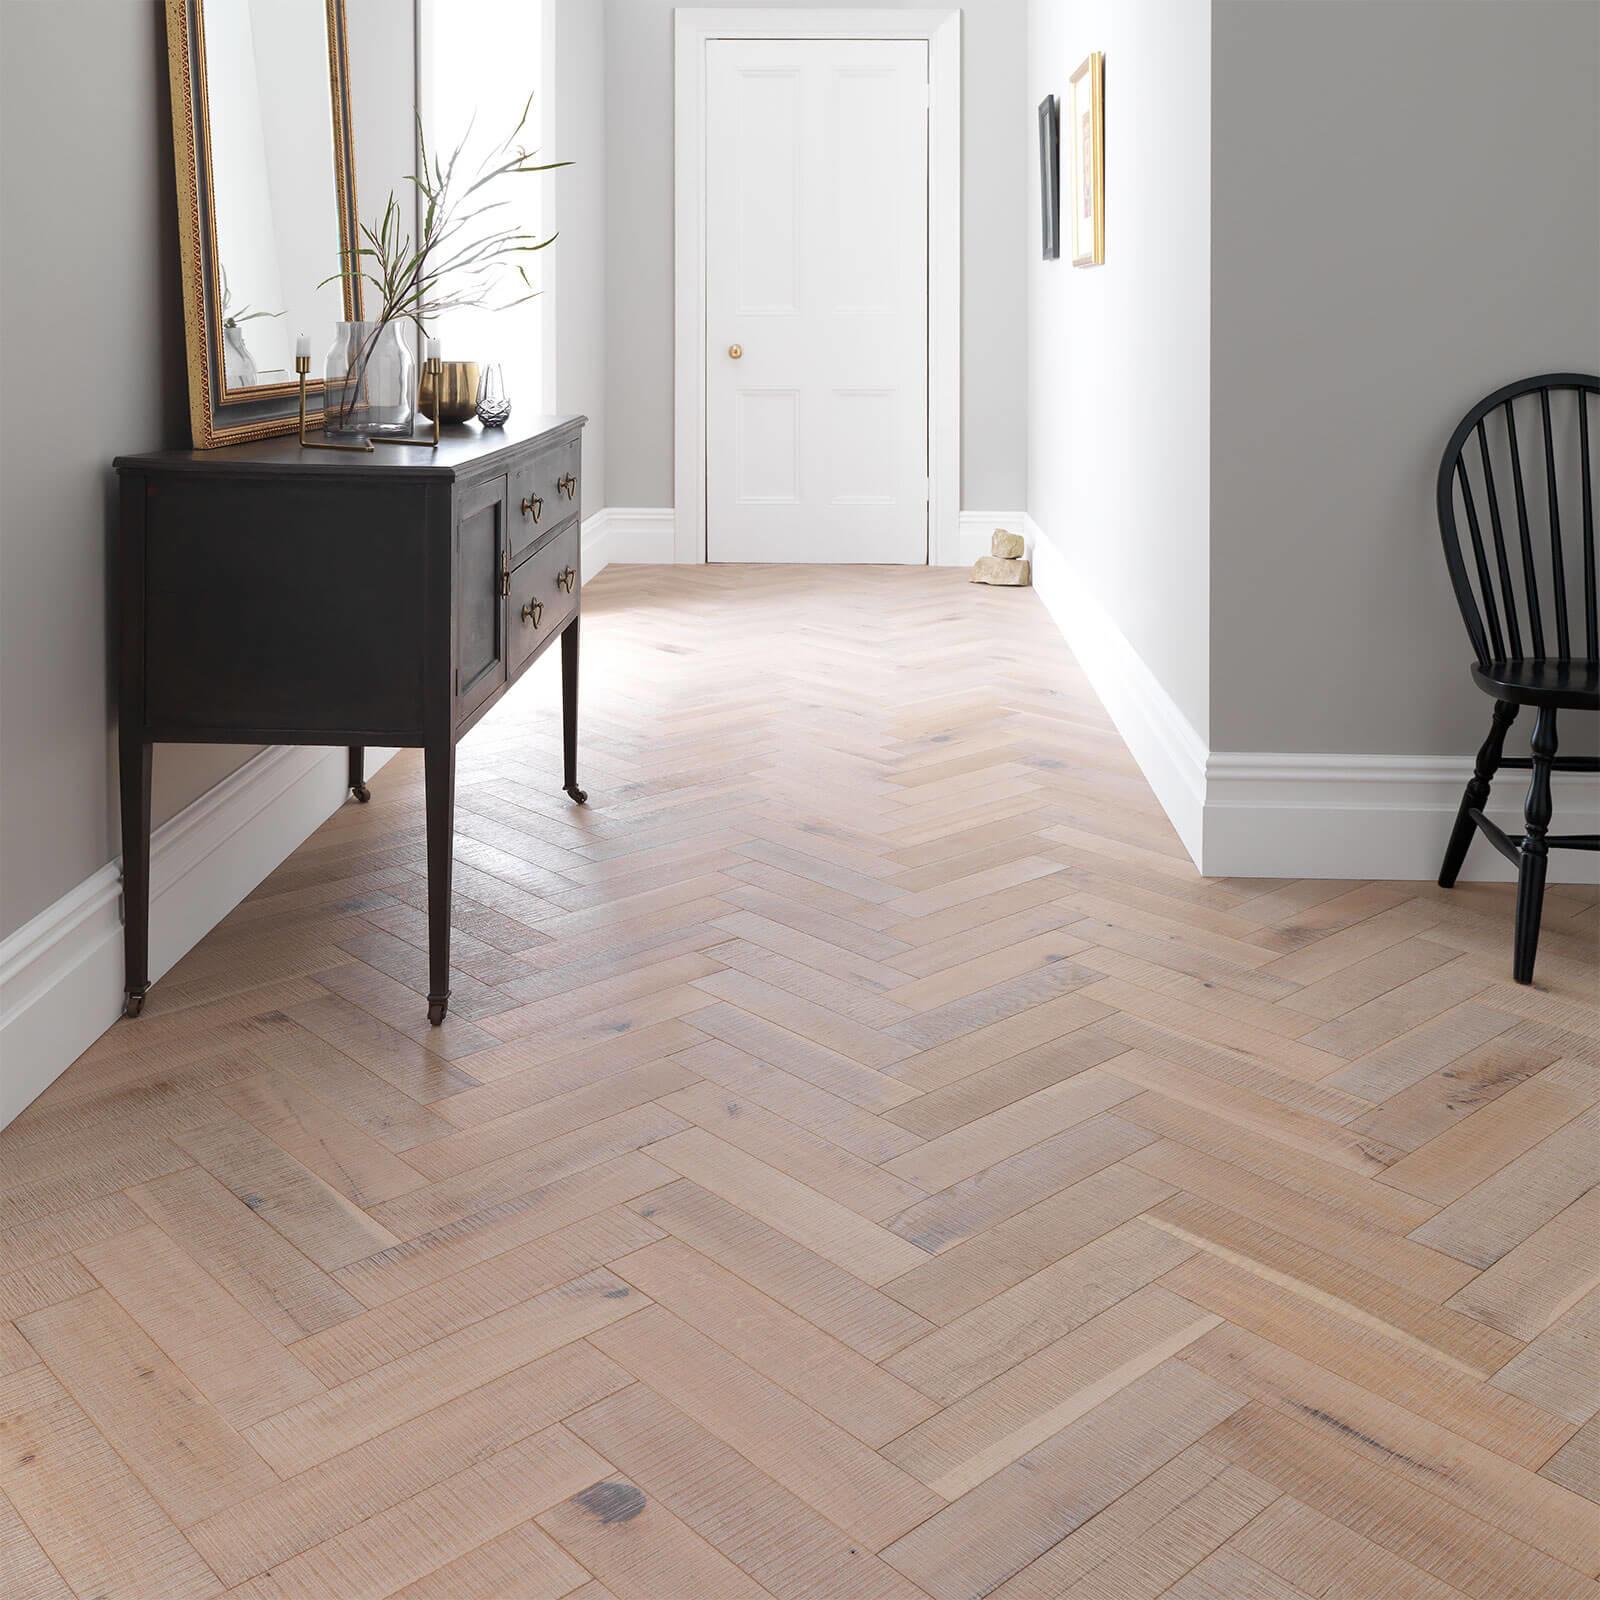 Salted Oak Goodrich Woodpecker Flooring Lifestyle2